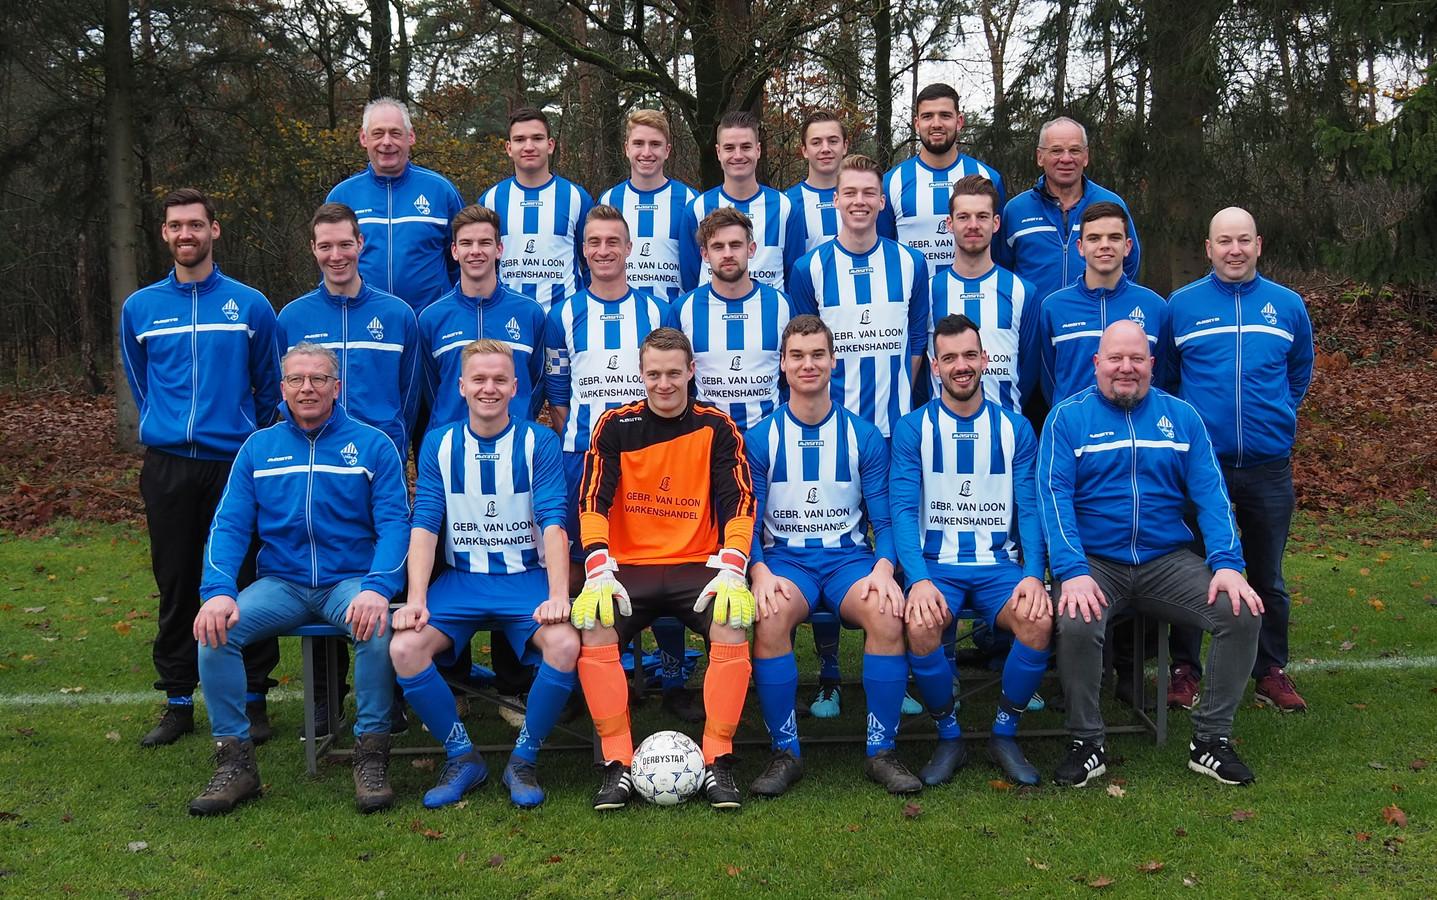 Het eerste elftal van vijfdeklasser DEES uit Wintelre, met op de onderste rij uiterst rechts hoofdtrainer Hans Clijsen.